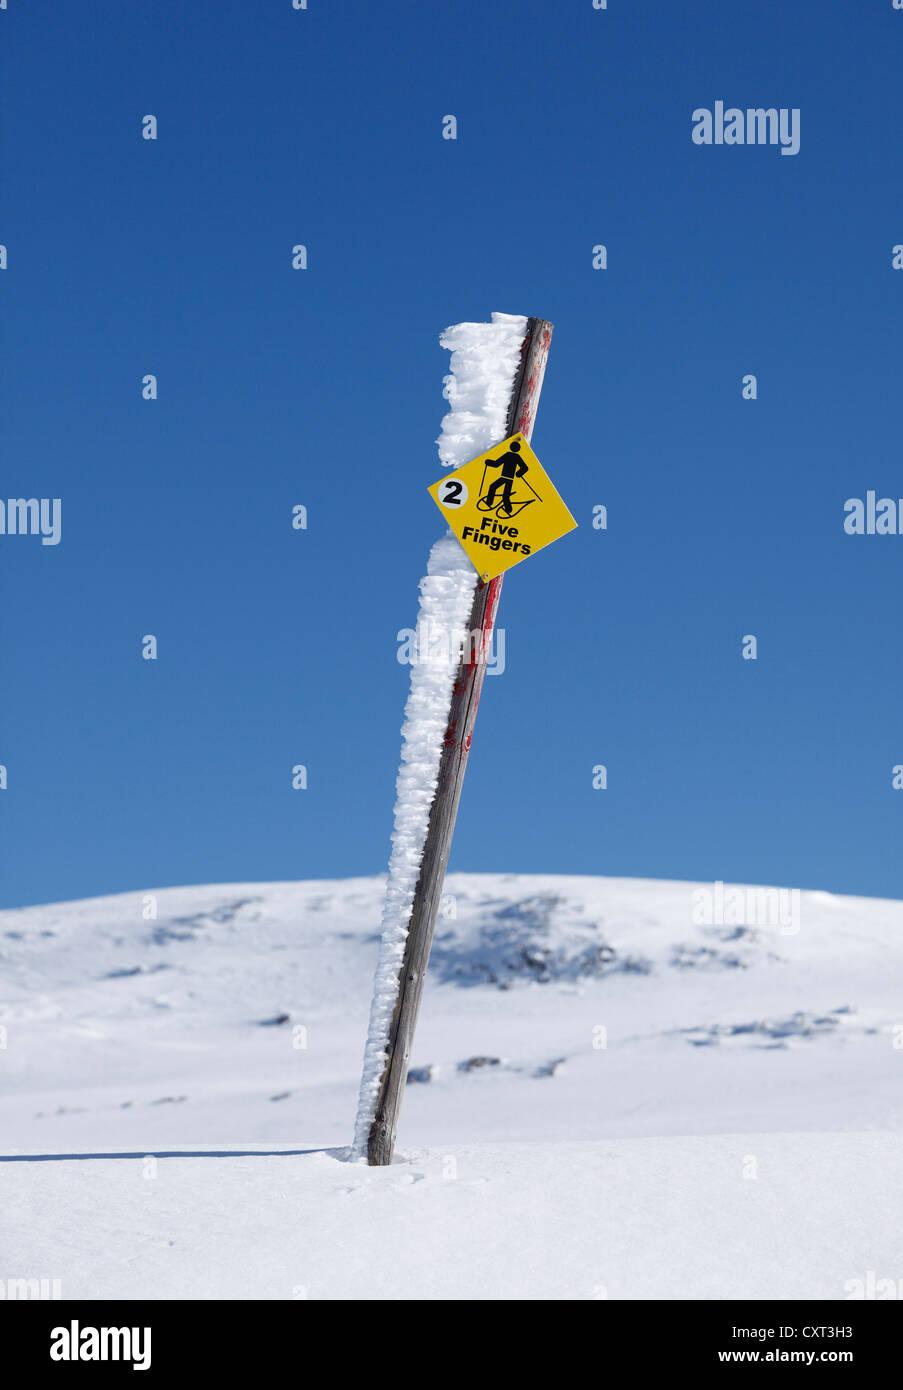 Pour les randonneurs en raquettes orientation pour les cinq doigts sur la montagne Dachstein Krippenstein, Montagnes, Photo Stock